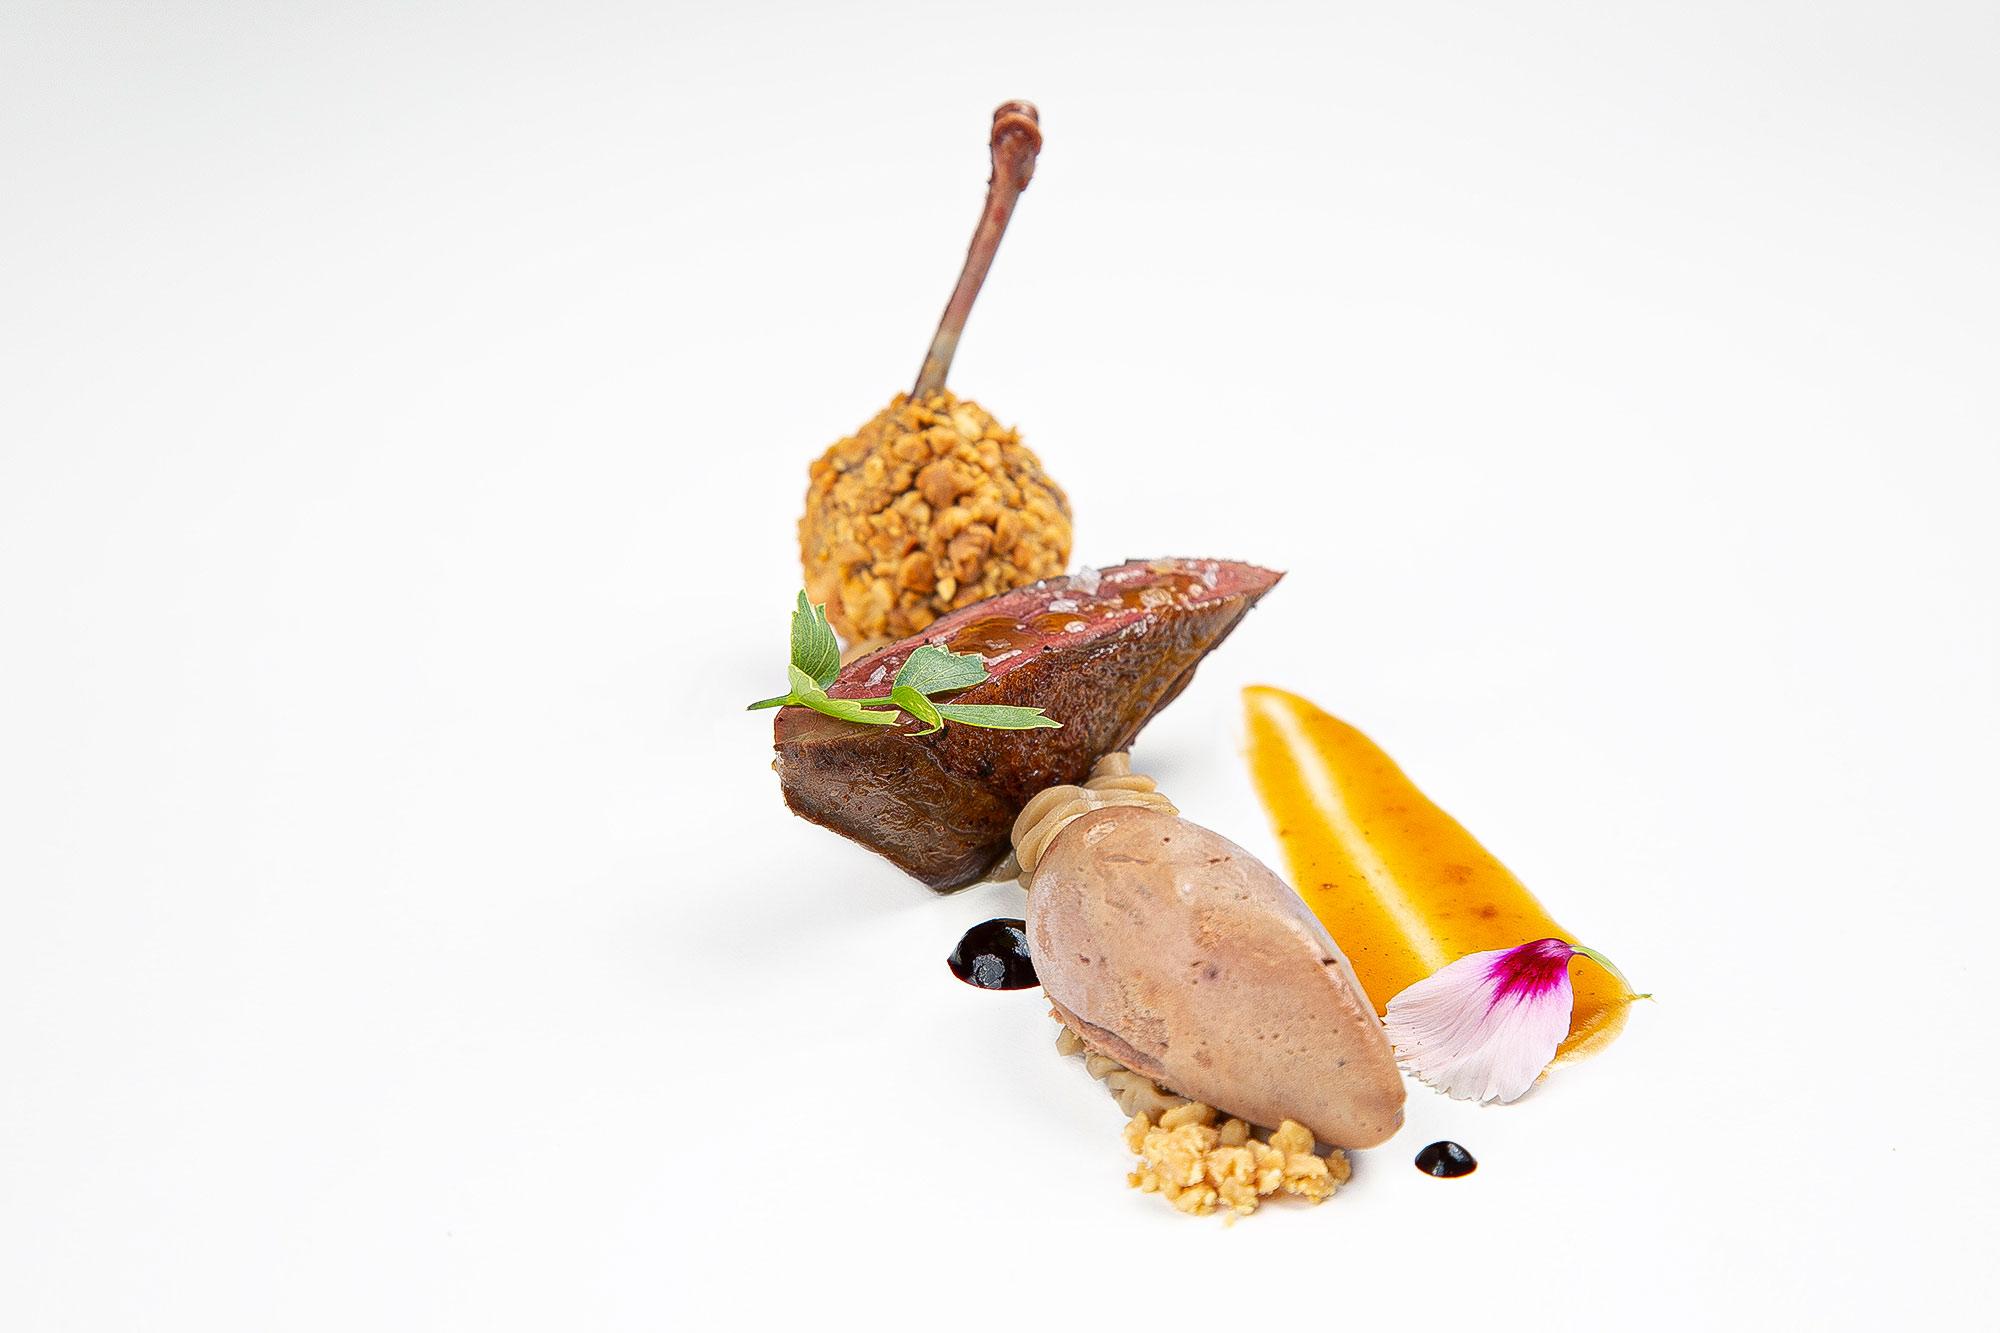 Luxusrestaurant Michelin-Sterne Foodfotografie von Gastrofotograf Adrian Kilchherr Schweiz Deutschland Oesterreich Suedtirol